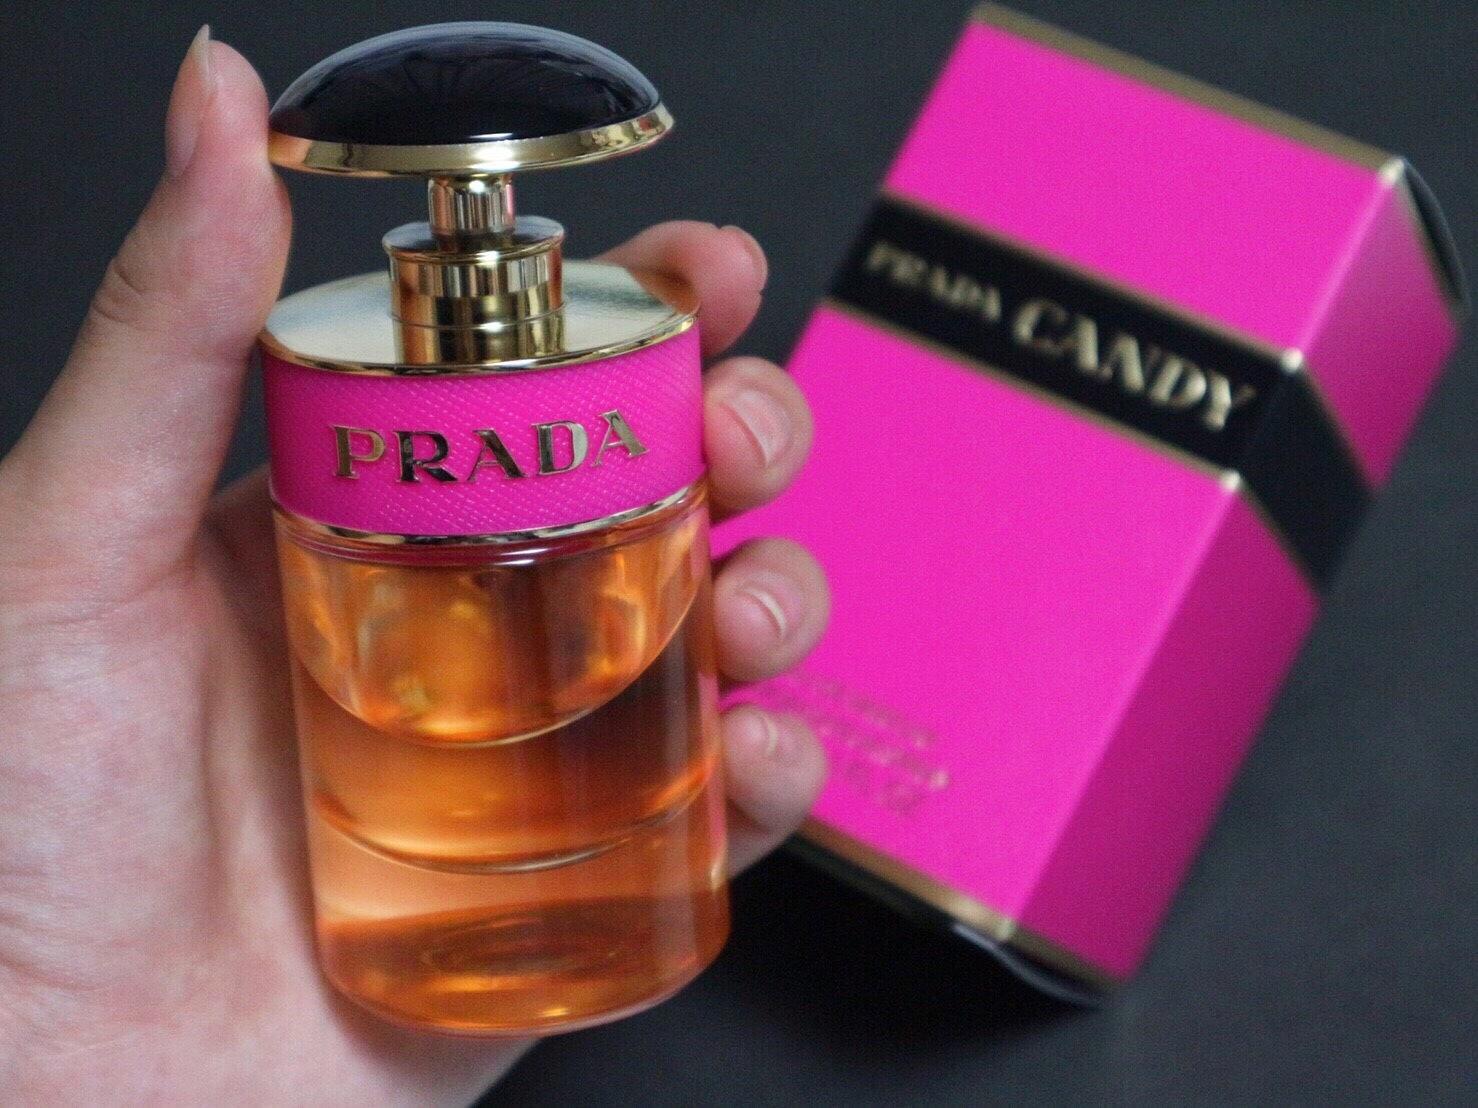 【 第71回❤︎ 】この香りが好き♡私のお気に入りの香水-プラダ キャンディ-_1_3